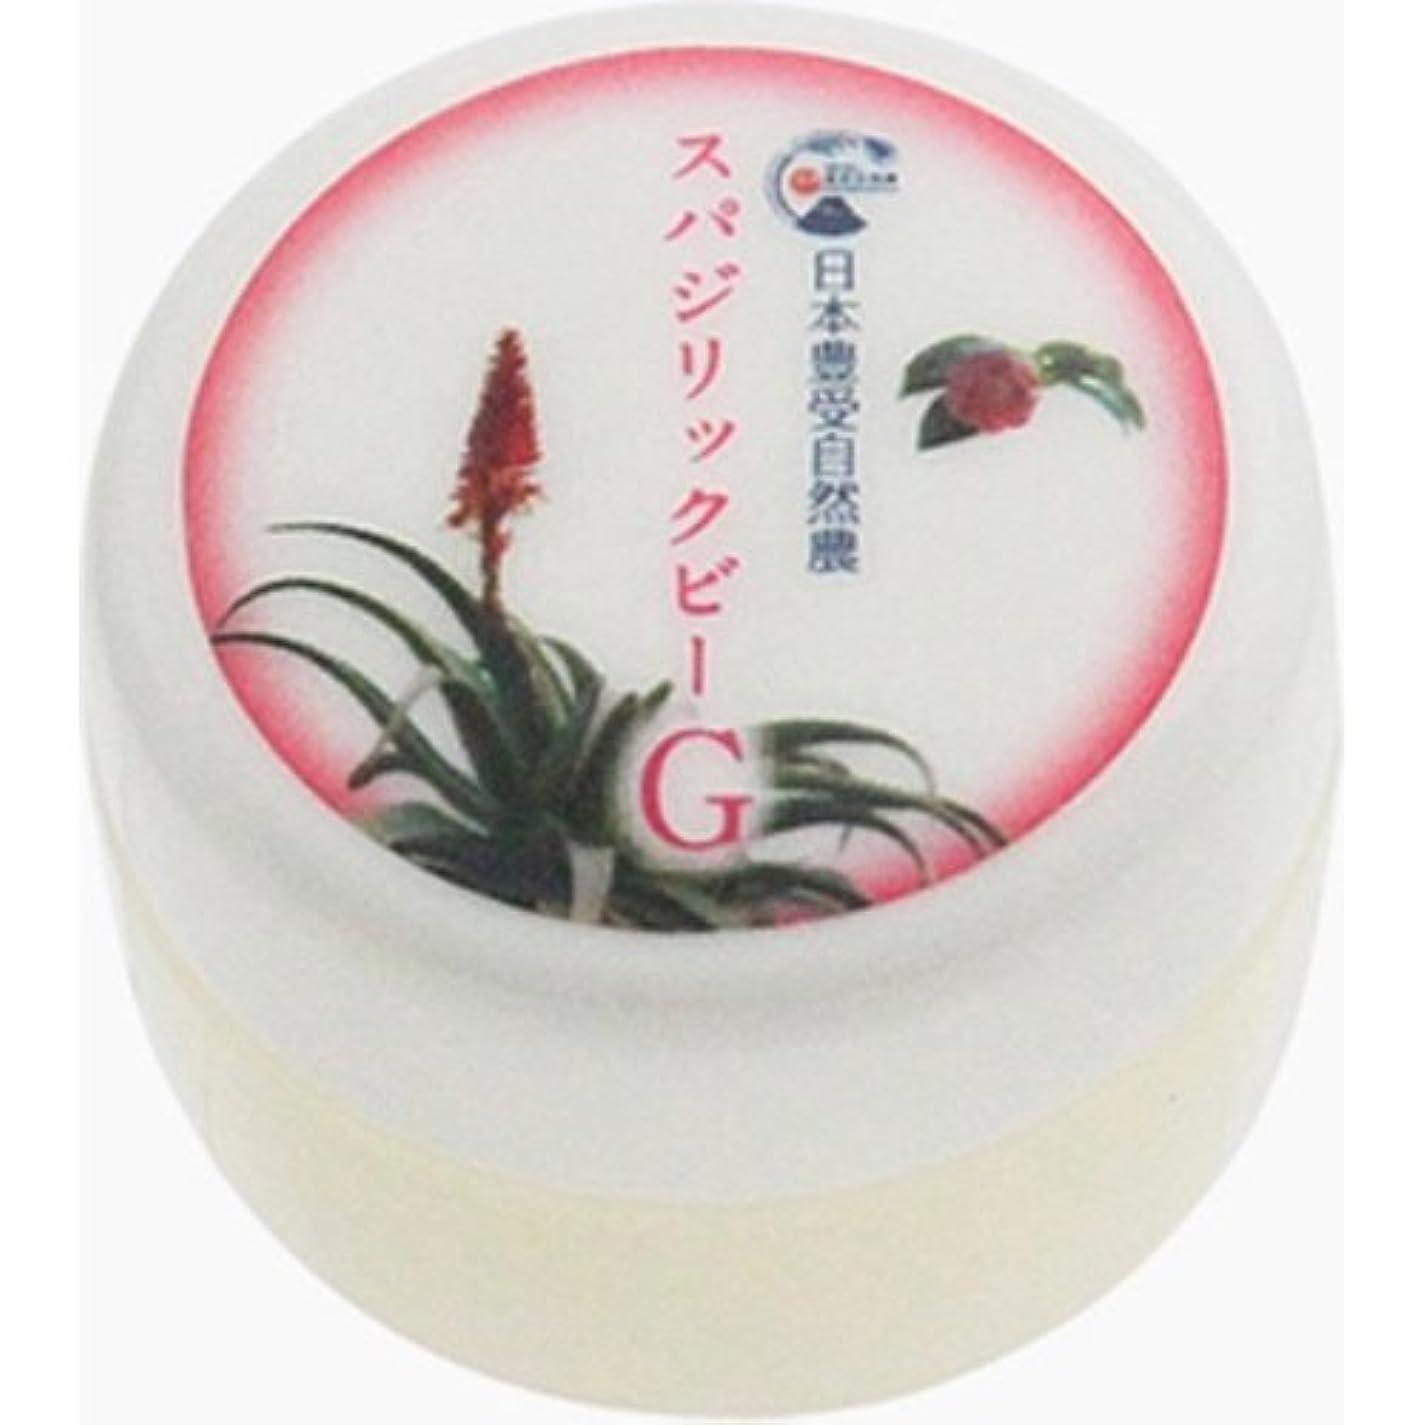 比類のないゴールアレルギー性日本豊受自然農 スパジリック ビーG(小) 10g